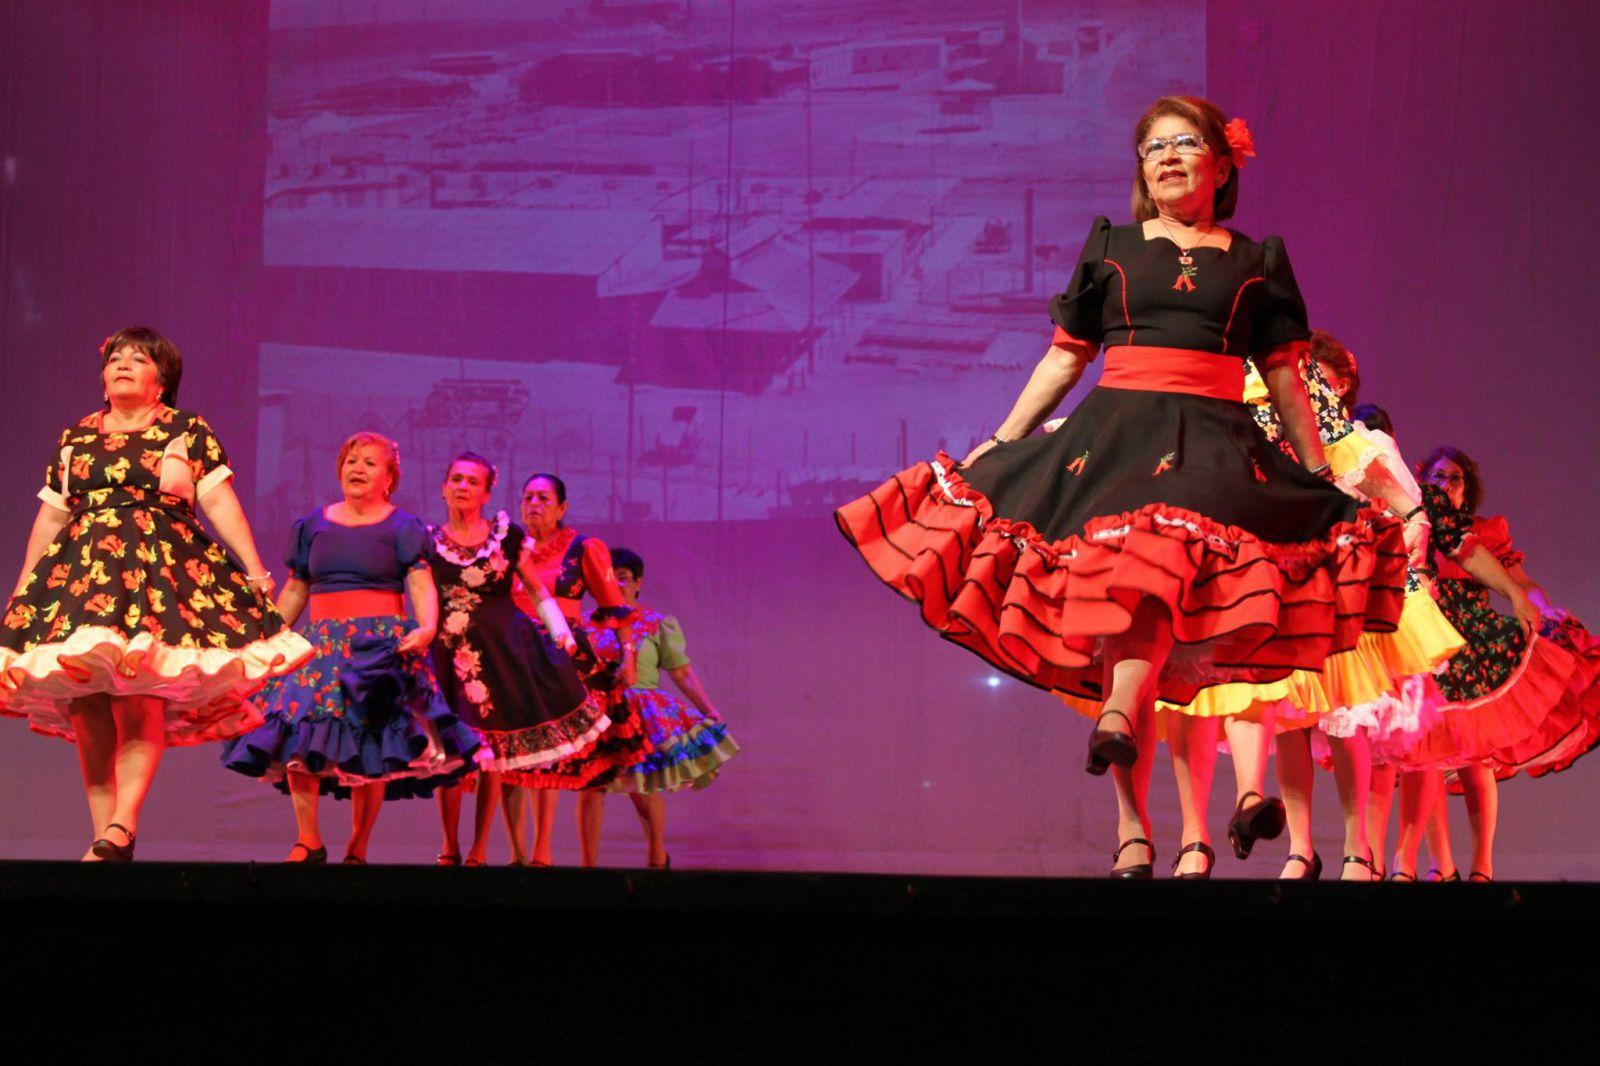 abuelitos-animaron-entretenida-gala-artistica-en-el-teatro-municipal